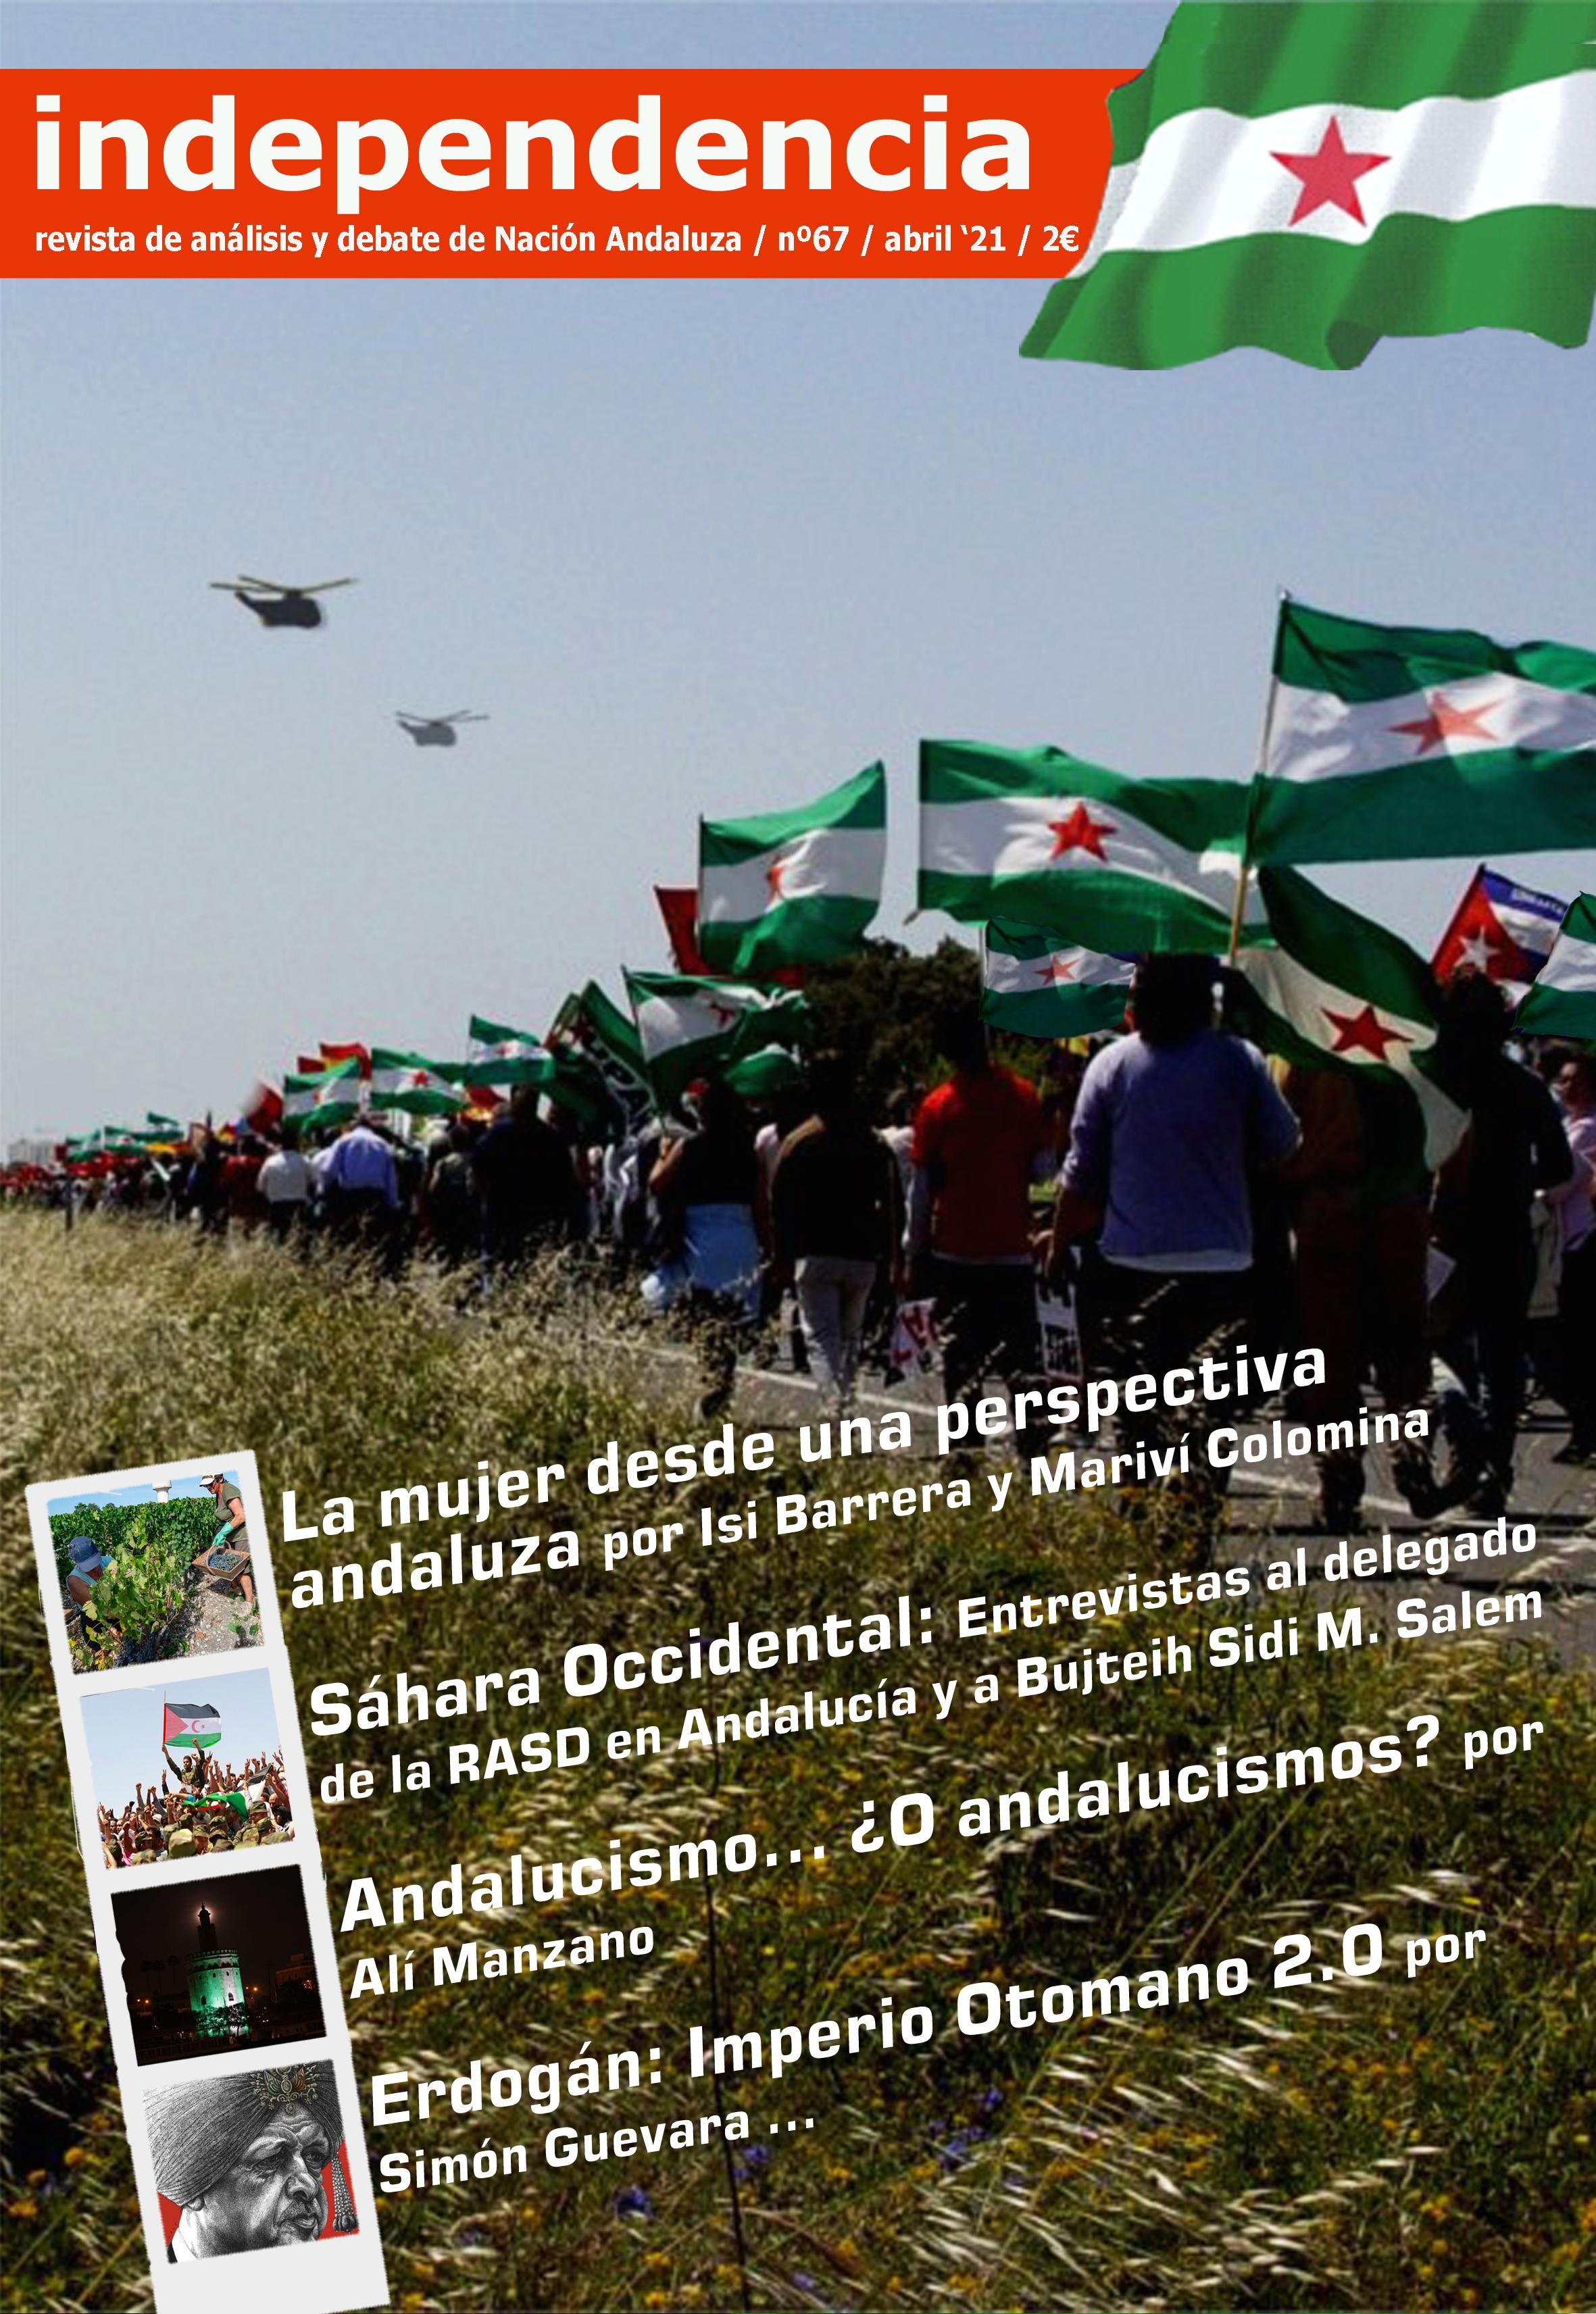 Ya está disponible el nuevo número de nuestra revista Independencia N°67